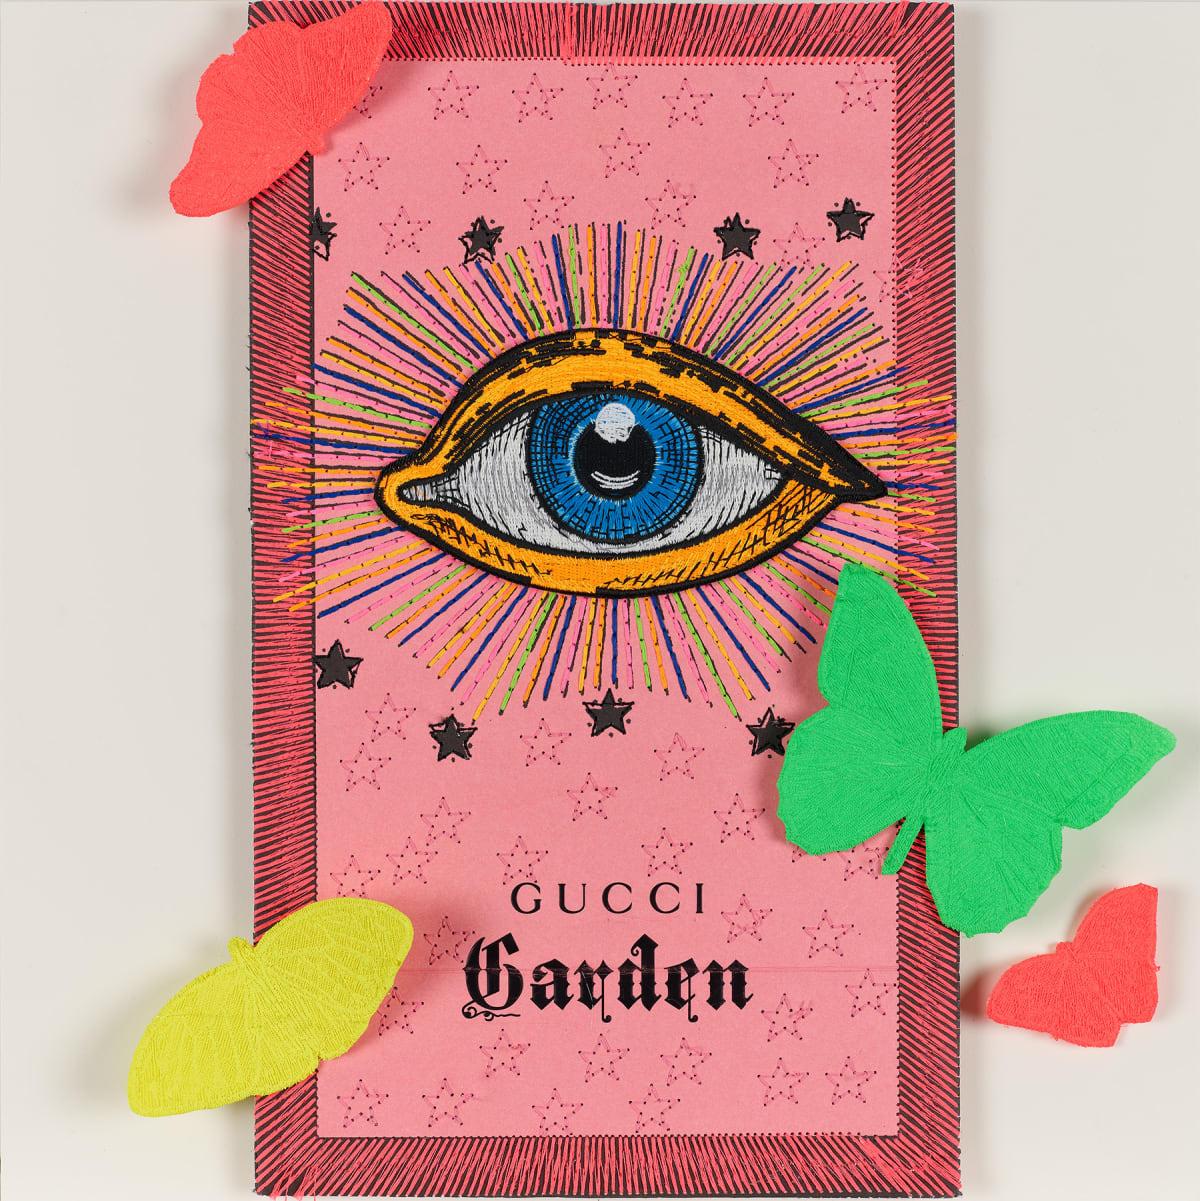 Stephen Wilson, Gucci Neon Garden III, 2020